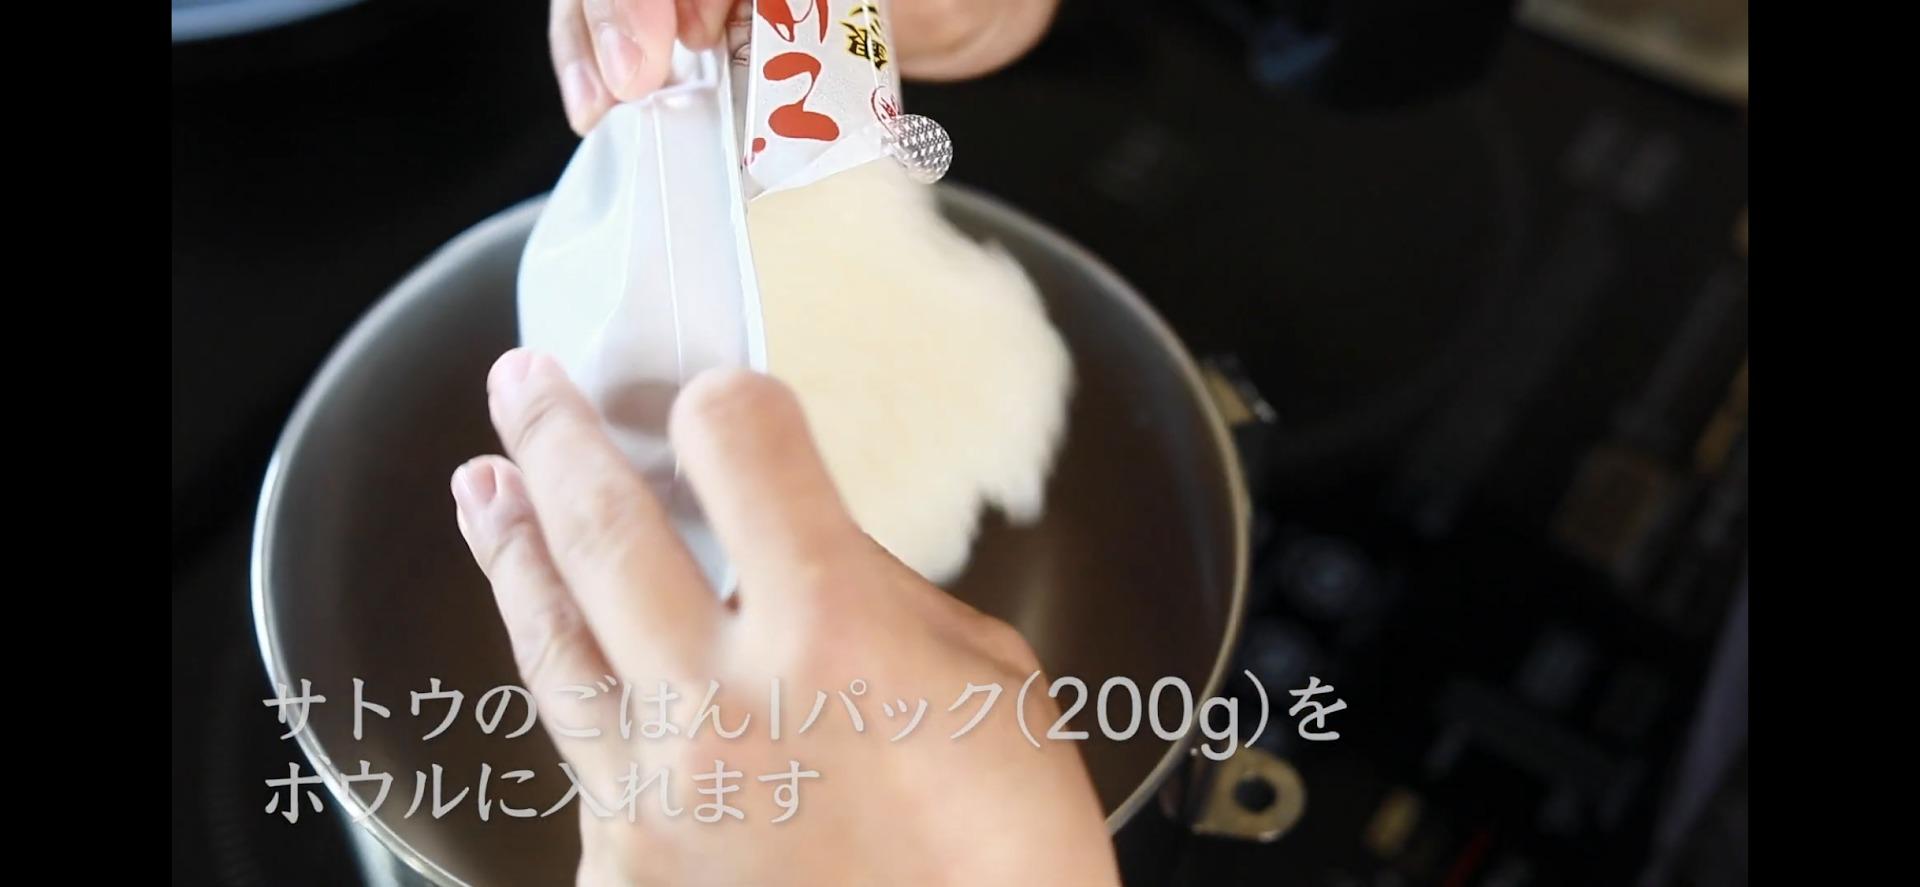 ヌードル カレー カップ チャーハン